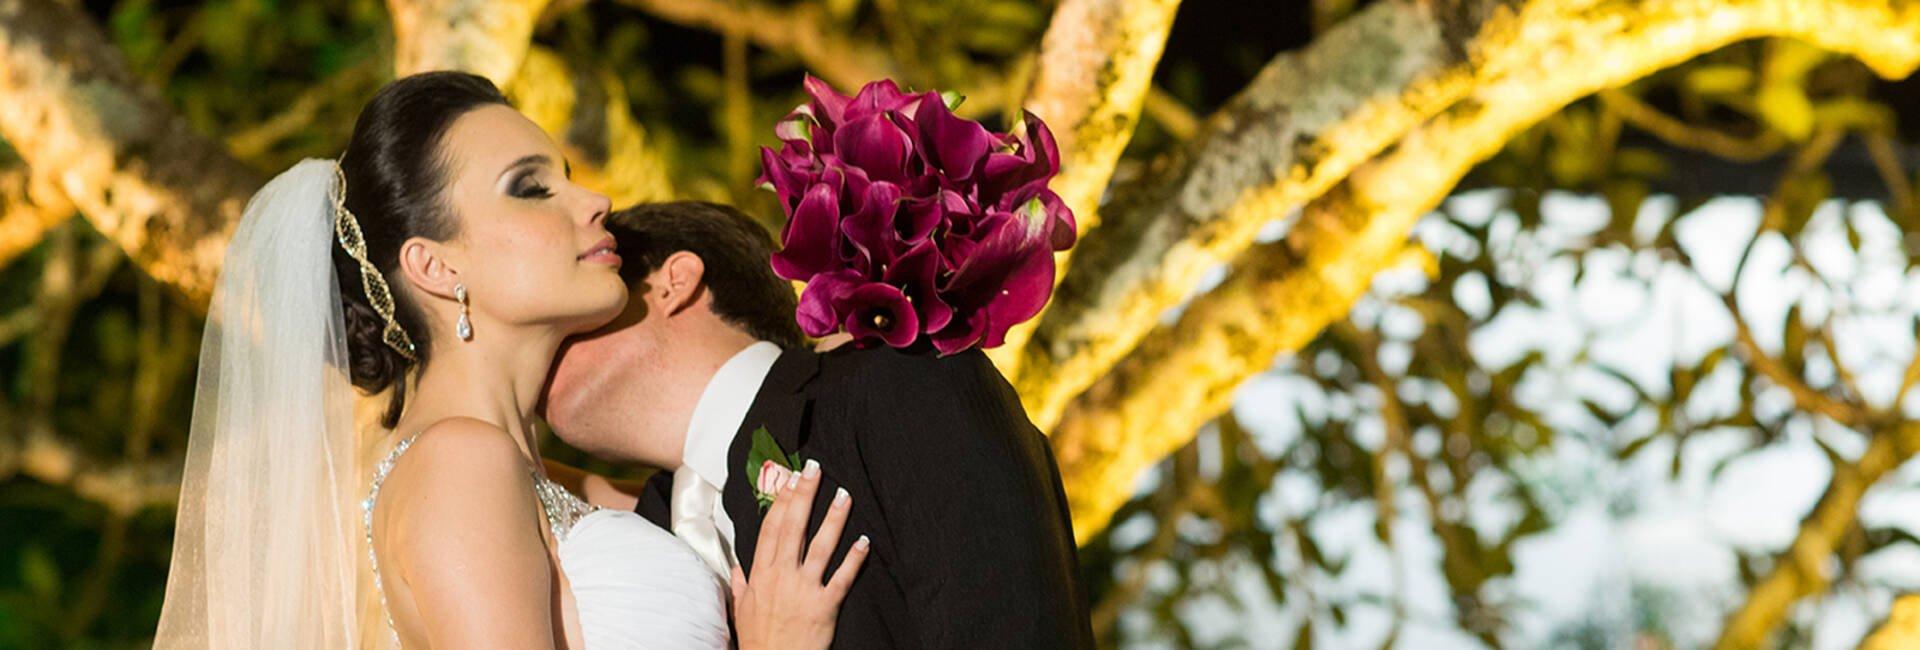 Casamento de Vivian & Wellington